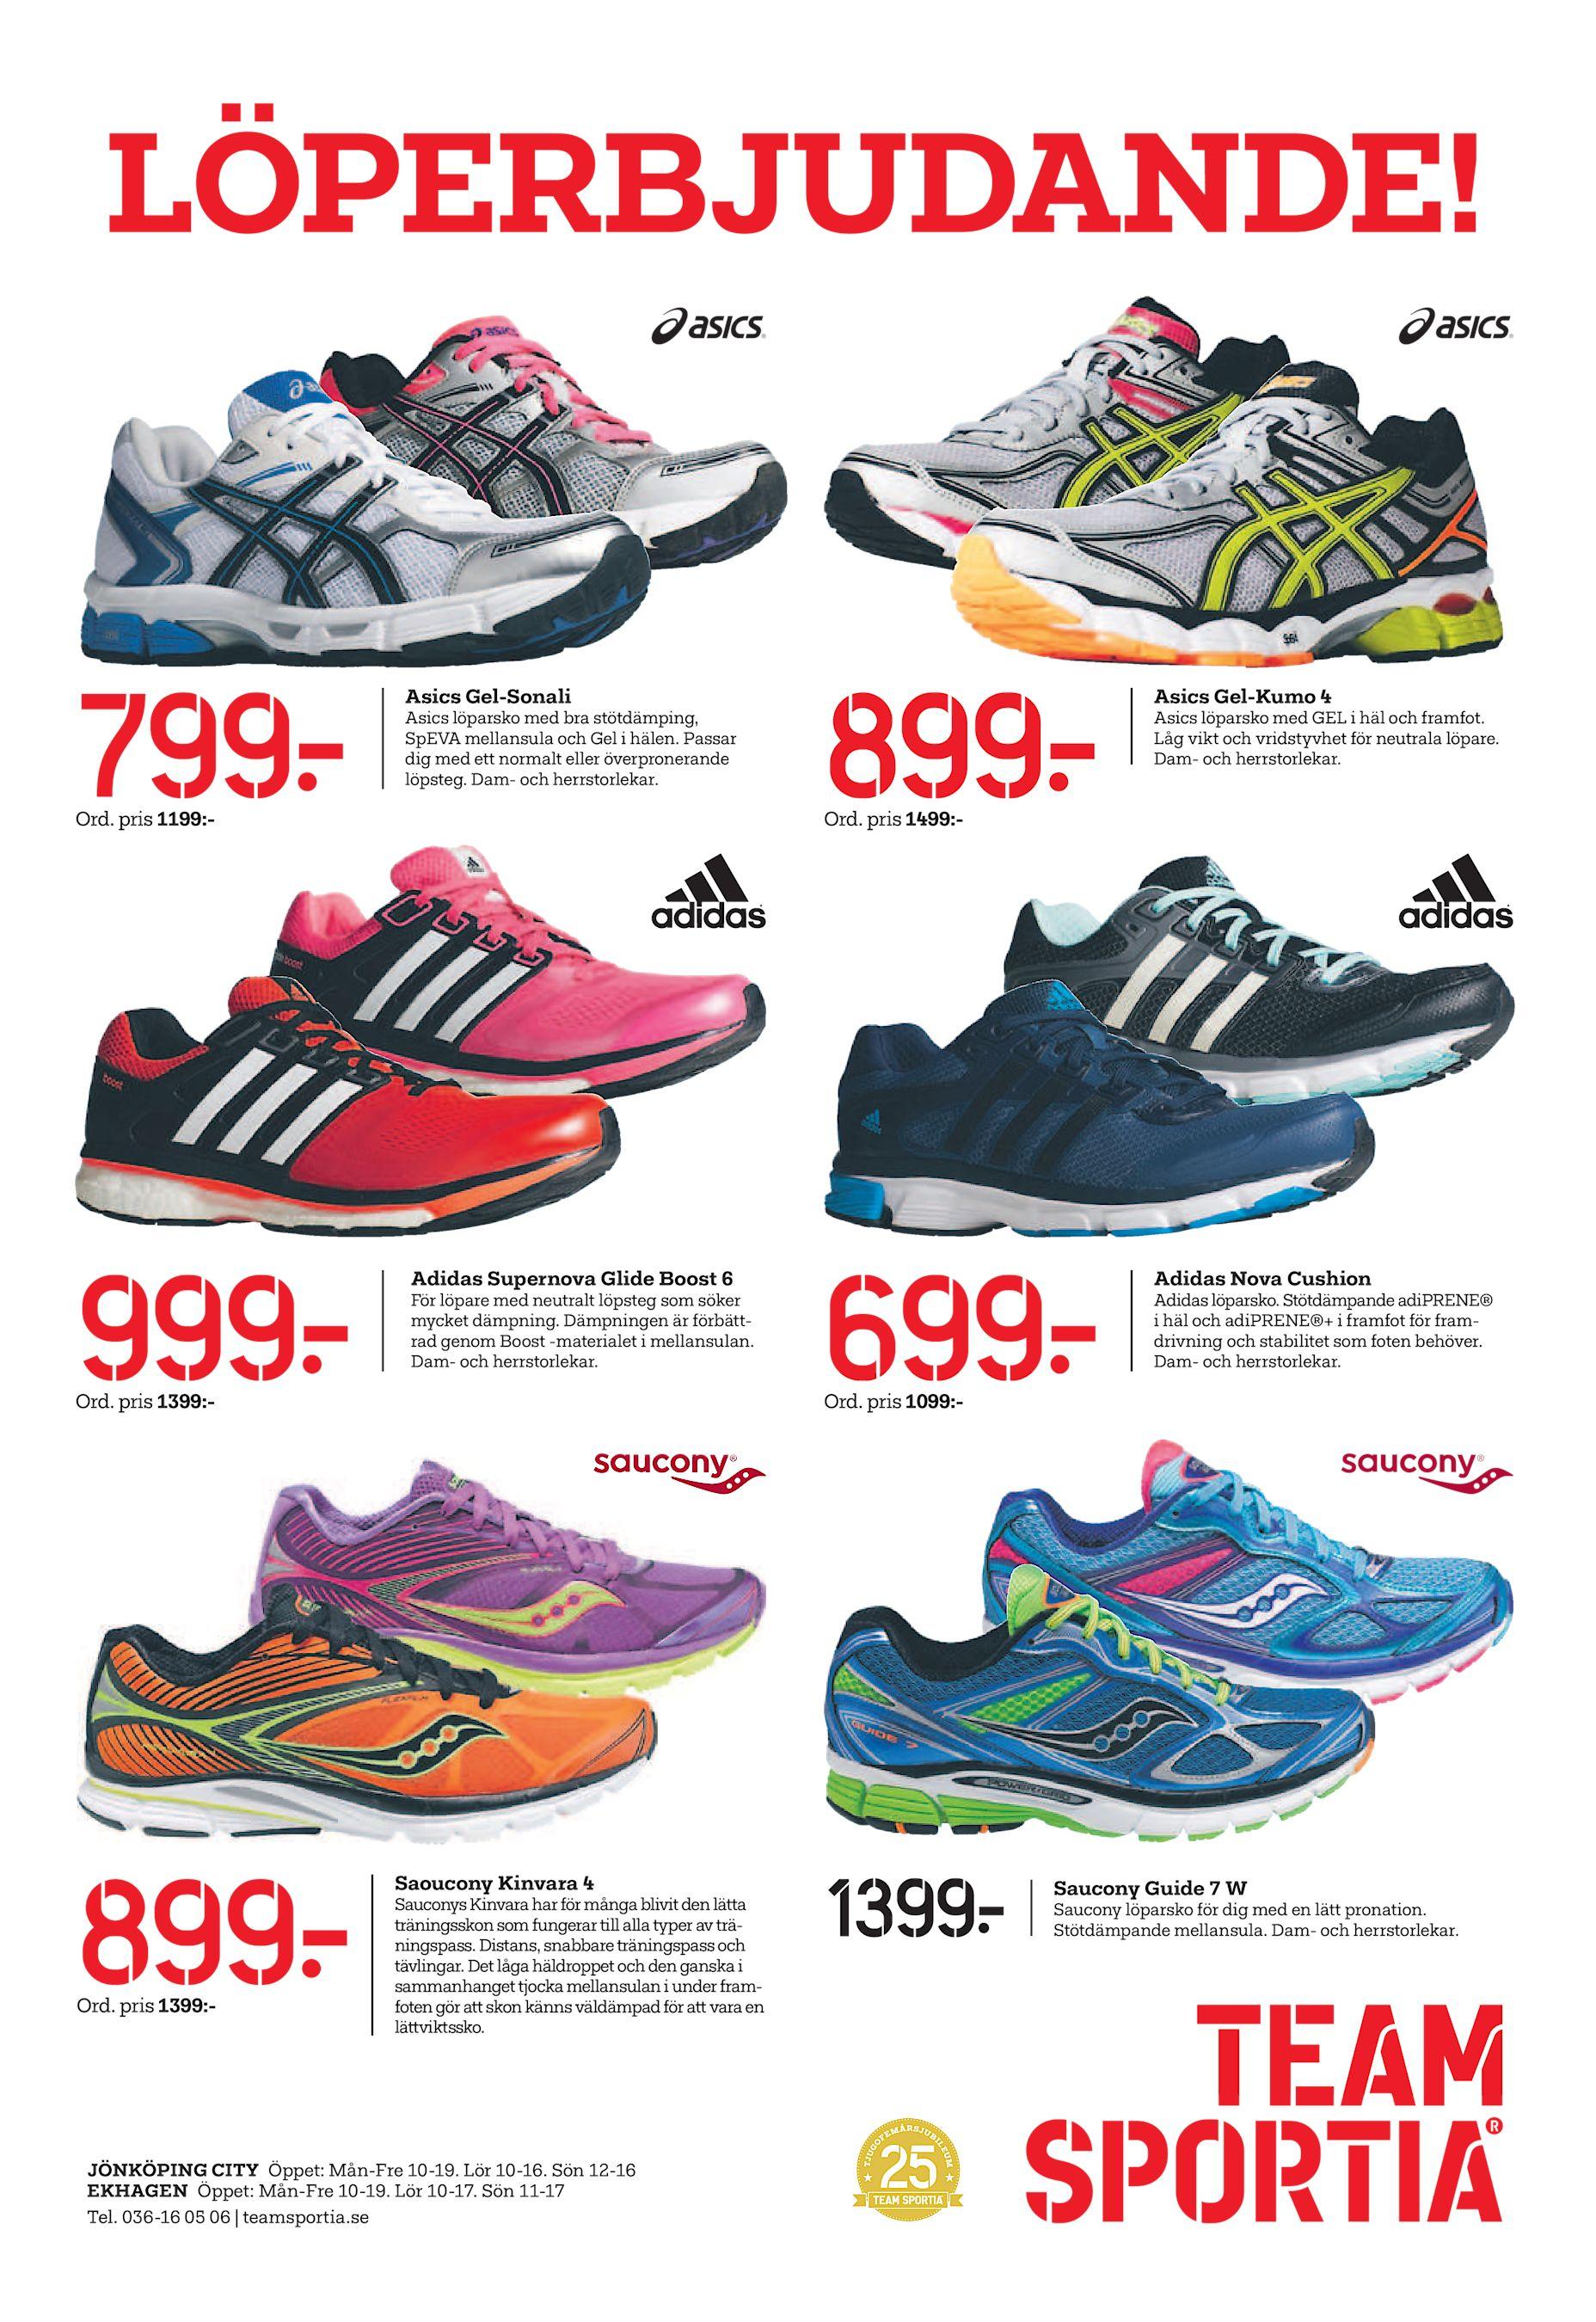 Hot Style Adidas Duramo 7 Män Löpning Spel Adidas Skor